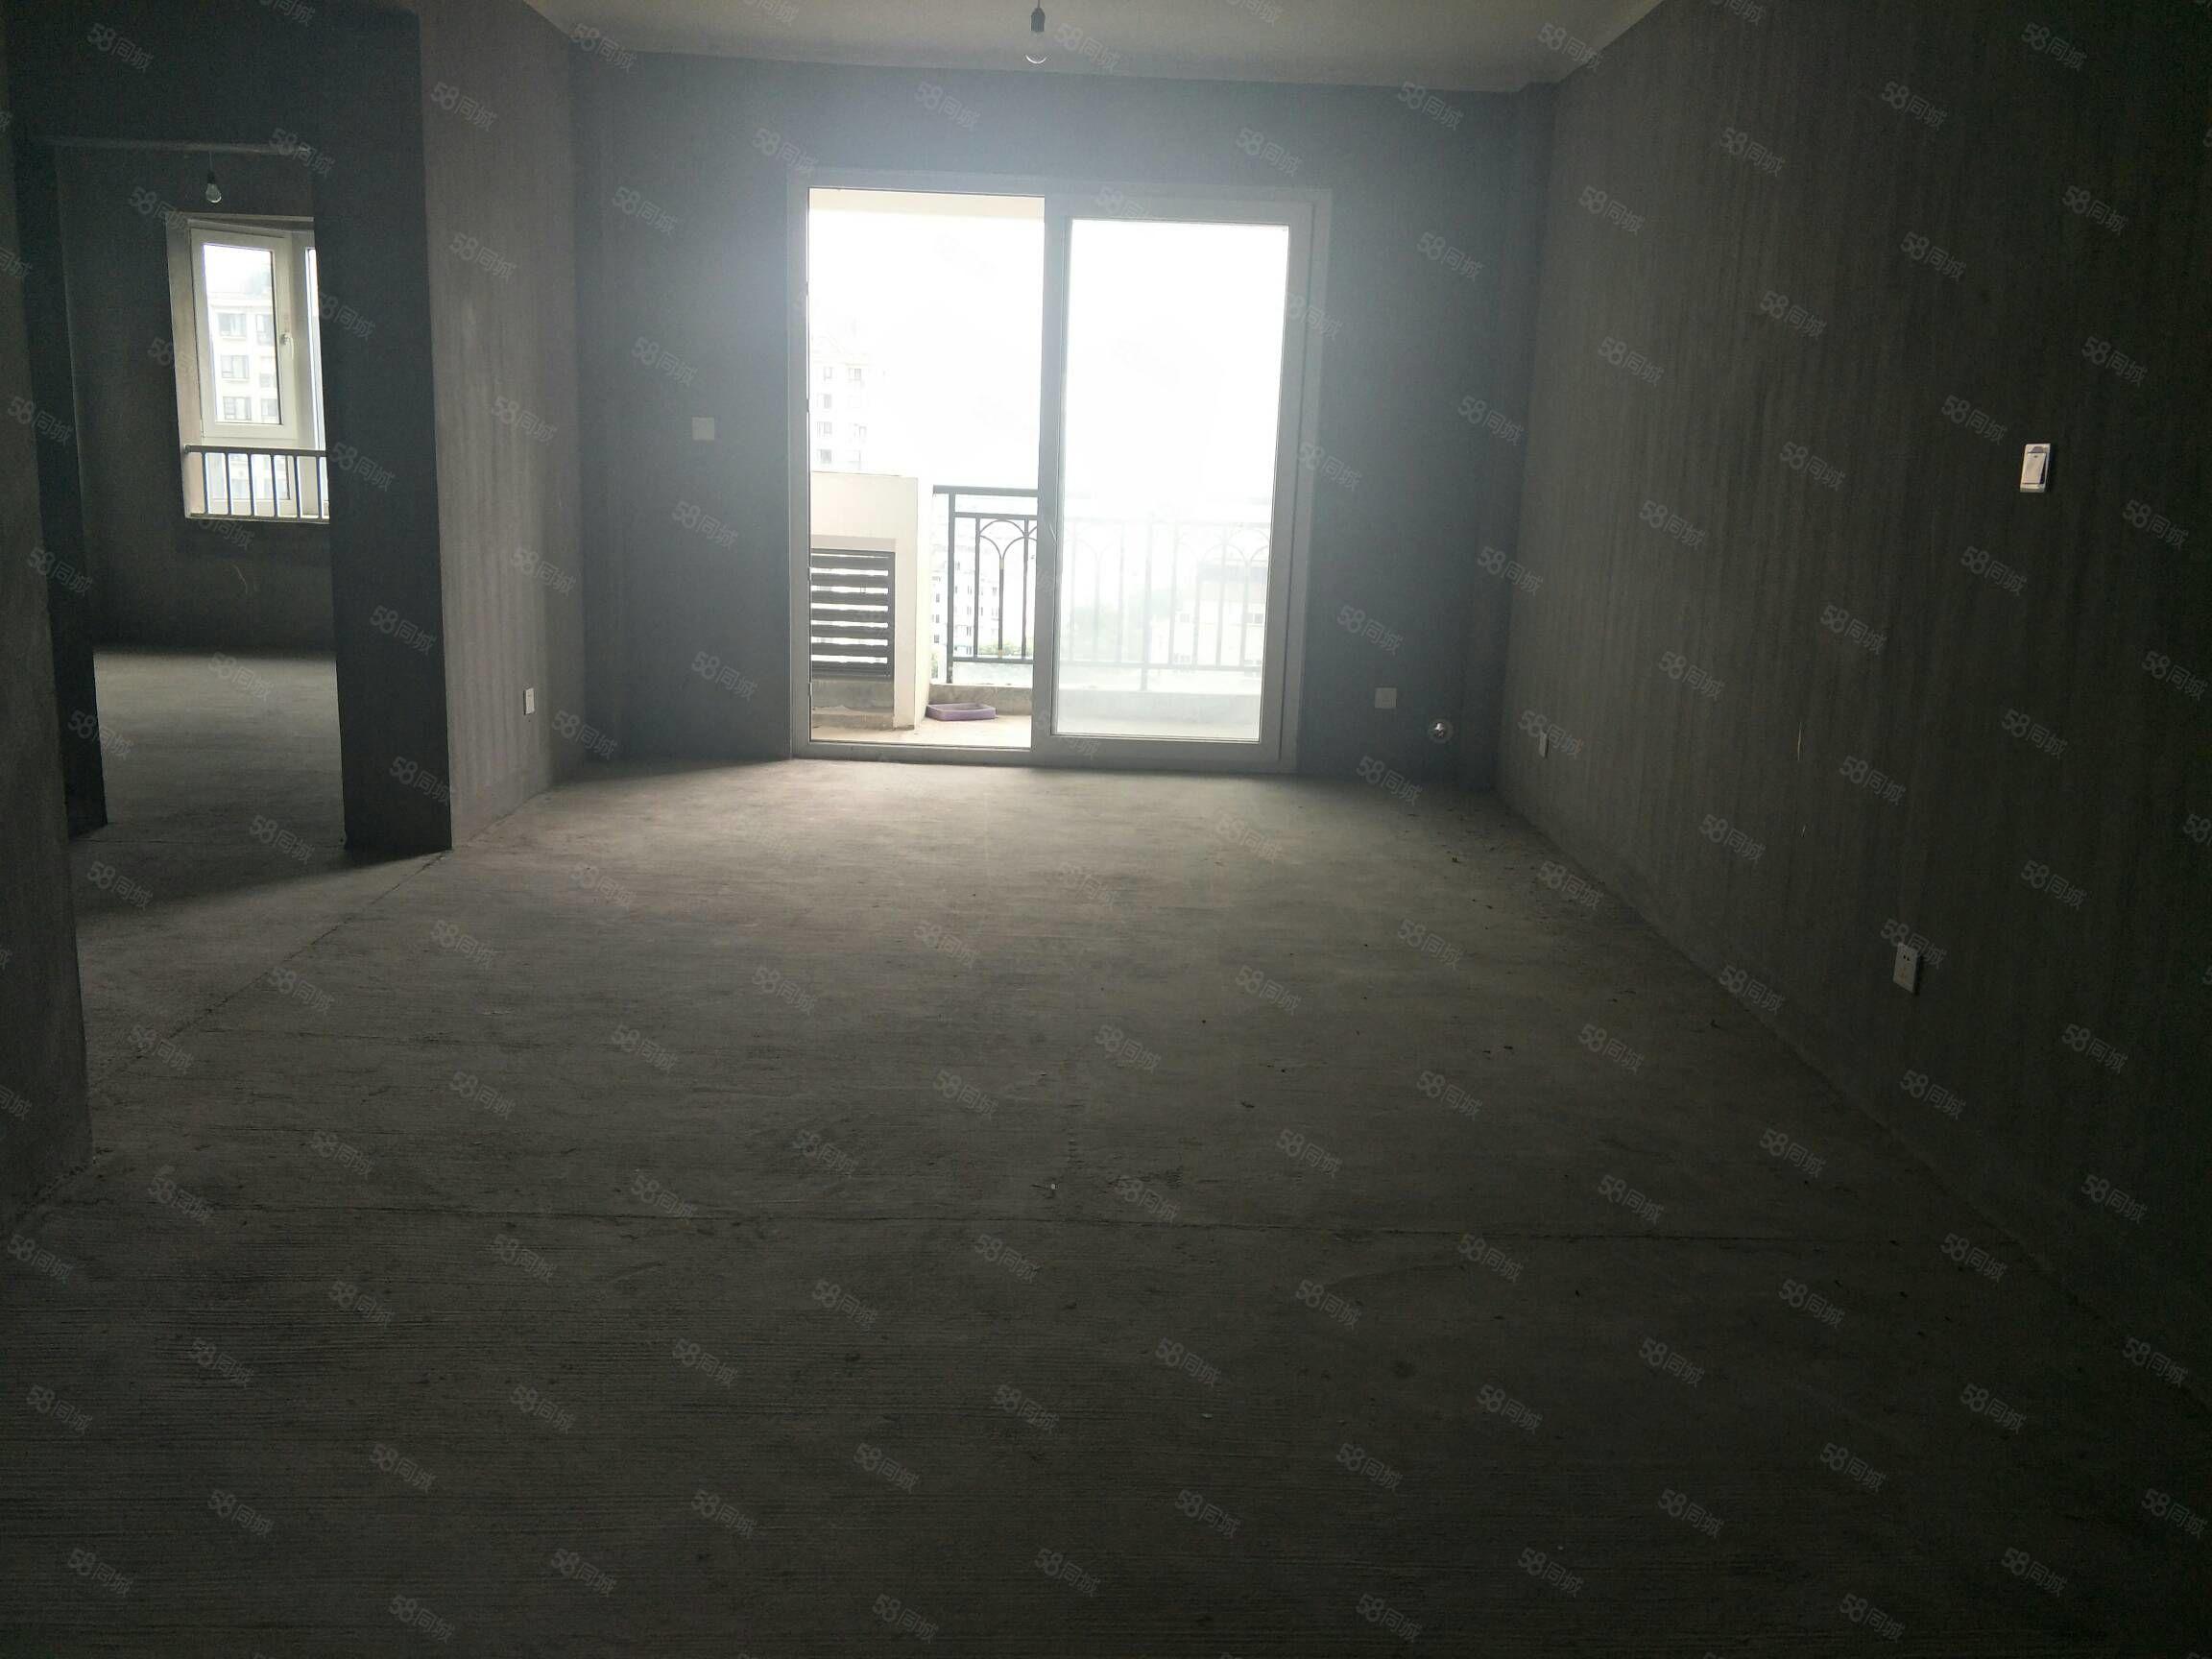 金河湾实惠的房子上证117十车位楼层好位置好毛坯